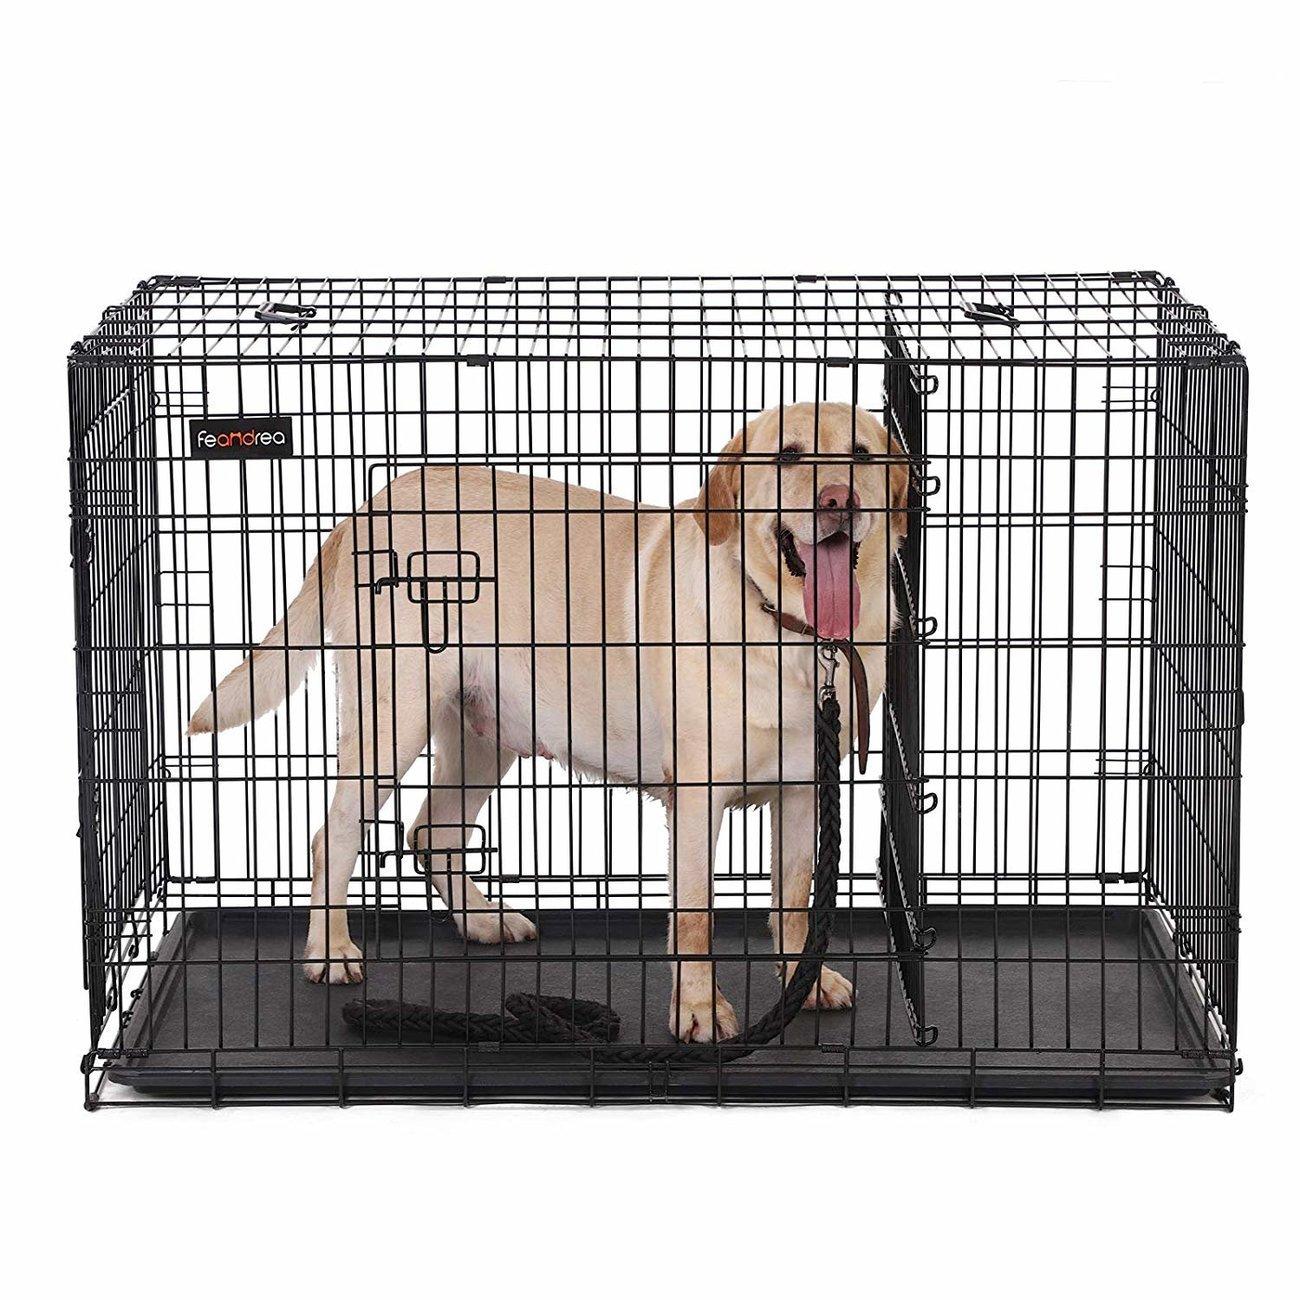 FEANDREA Hundekäfig, Hundebox mit Trennwand, 2 Türen, Bild 14